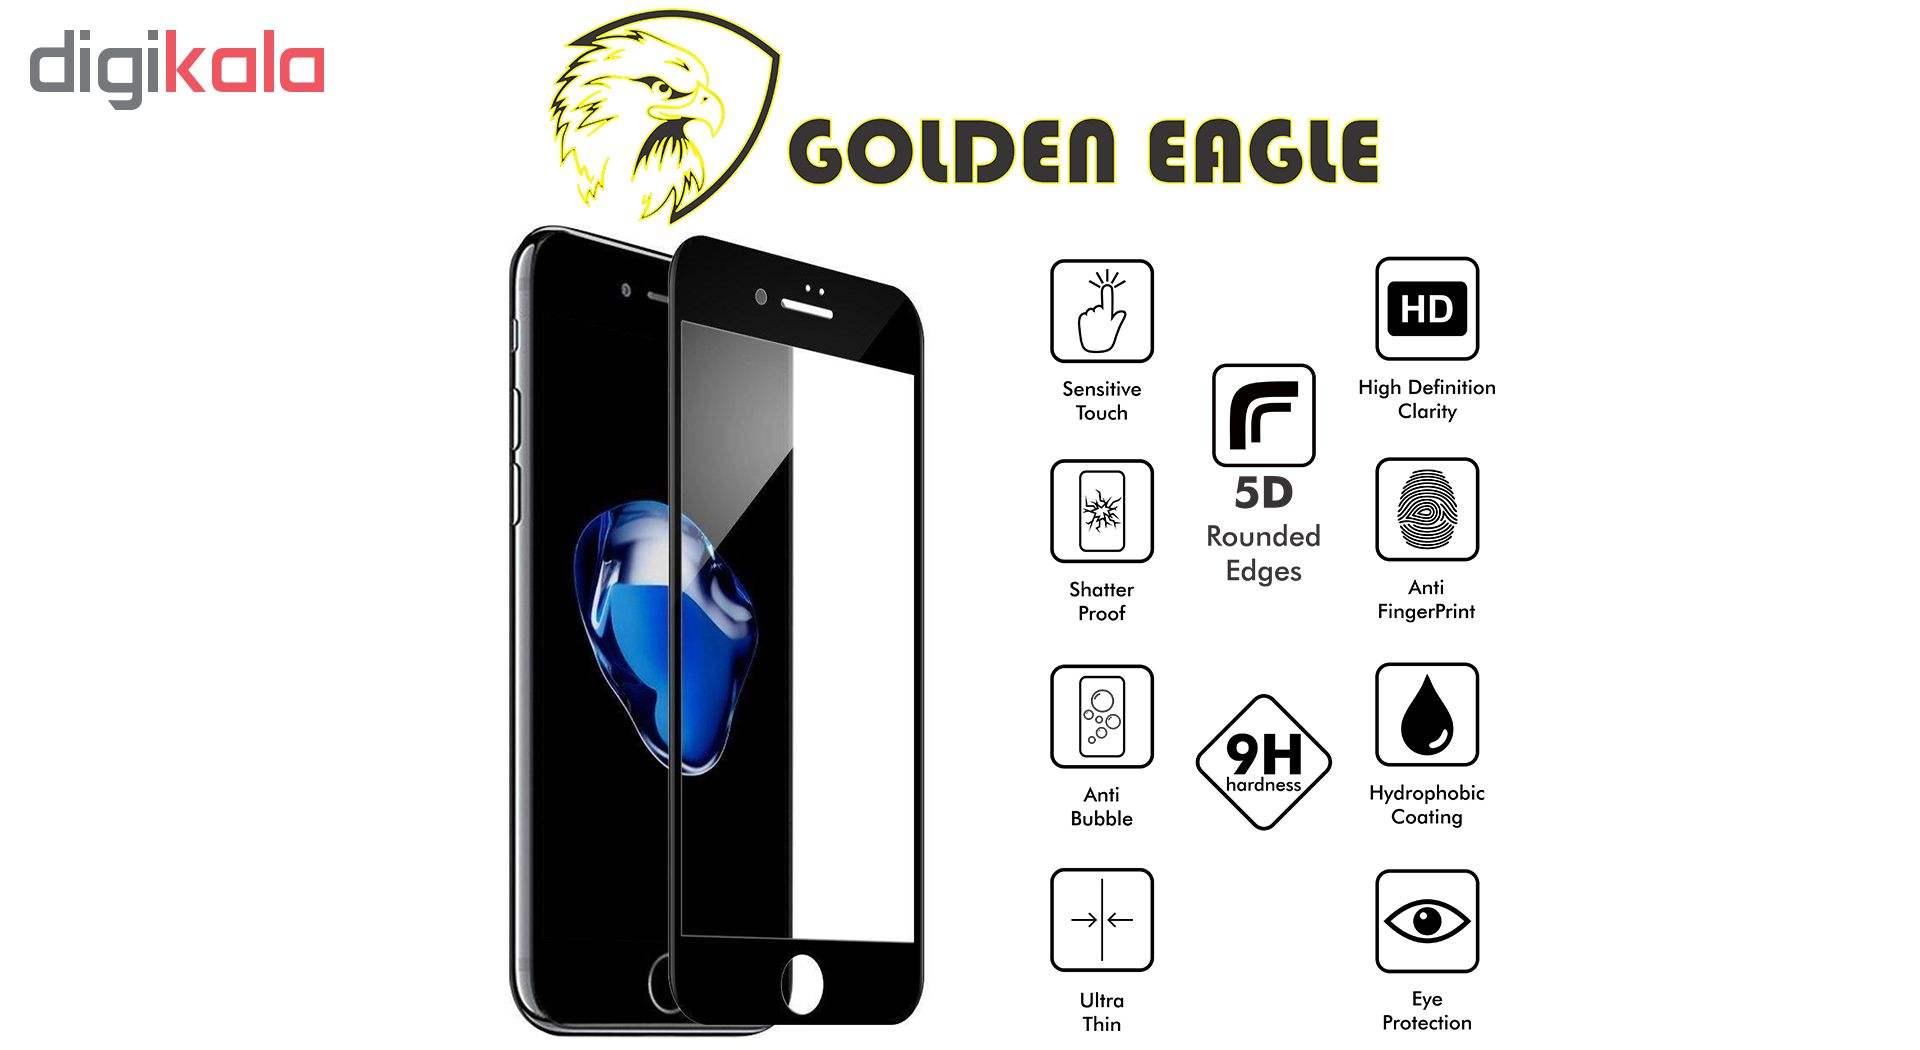 محافظ صفحه نمایش گلدن ایگل مدل 5D Expert Shield مناسب برای گوشی اپل آیفون  7/8 main 1 4